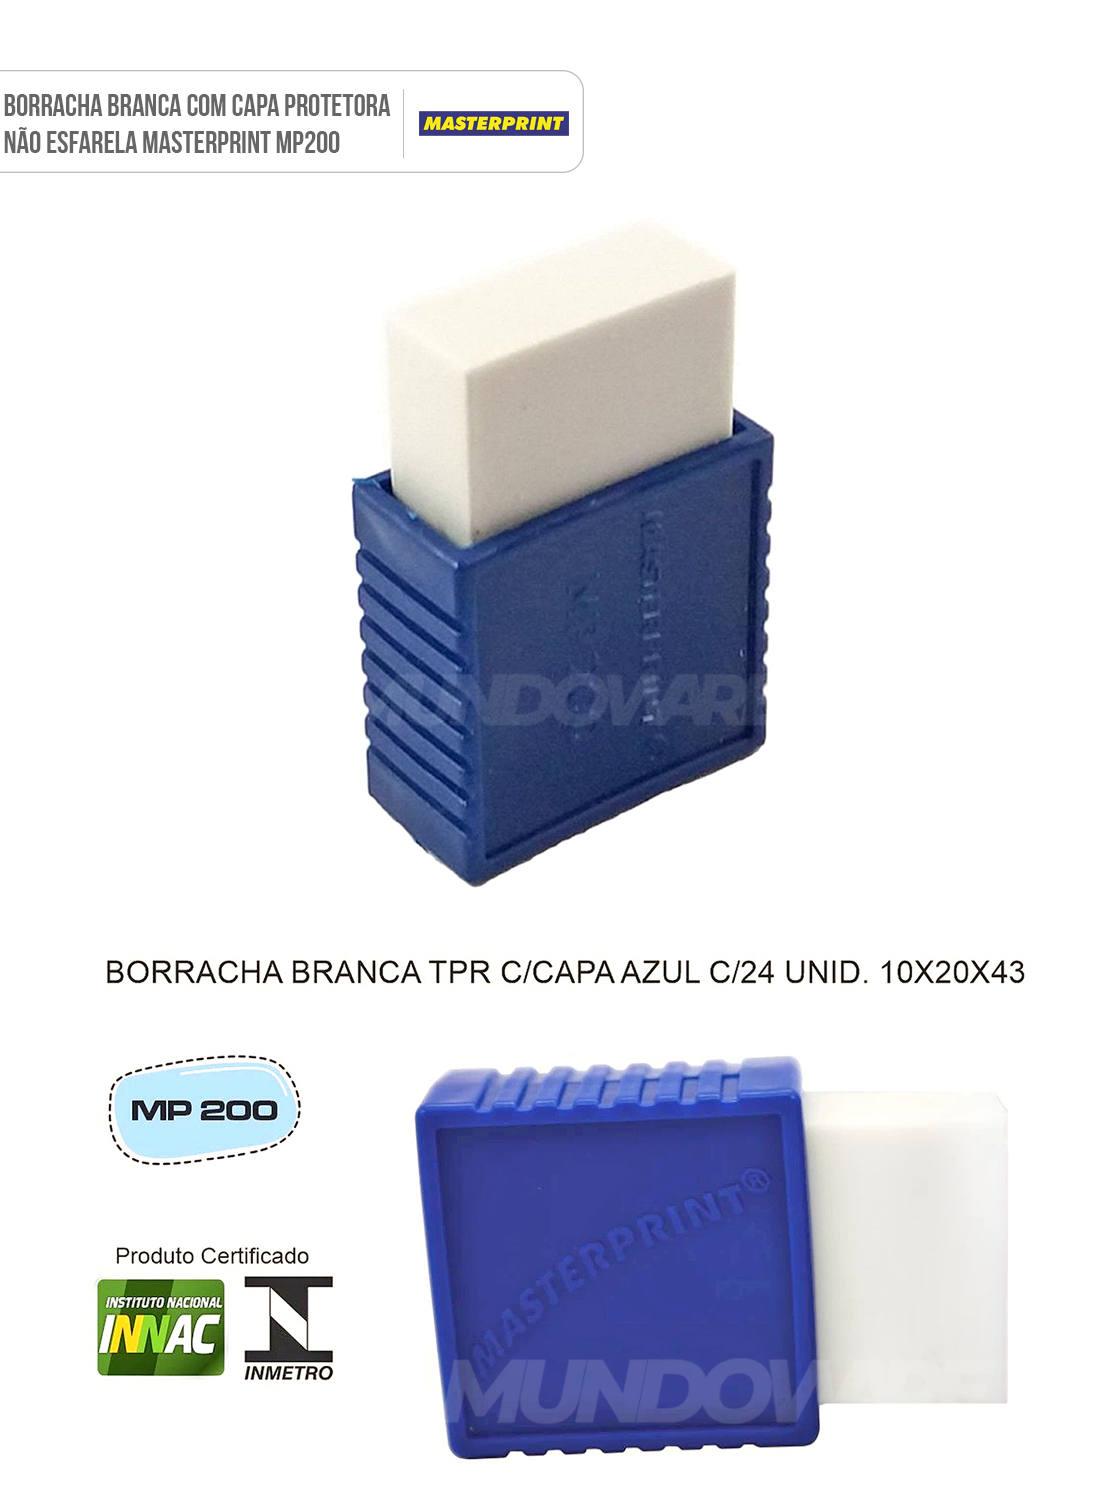 Borracha Branca com Capa Protetora Não Esfarela Masterprint MP200